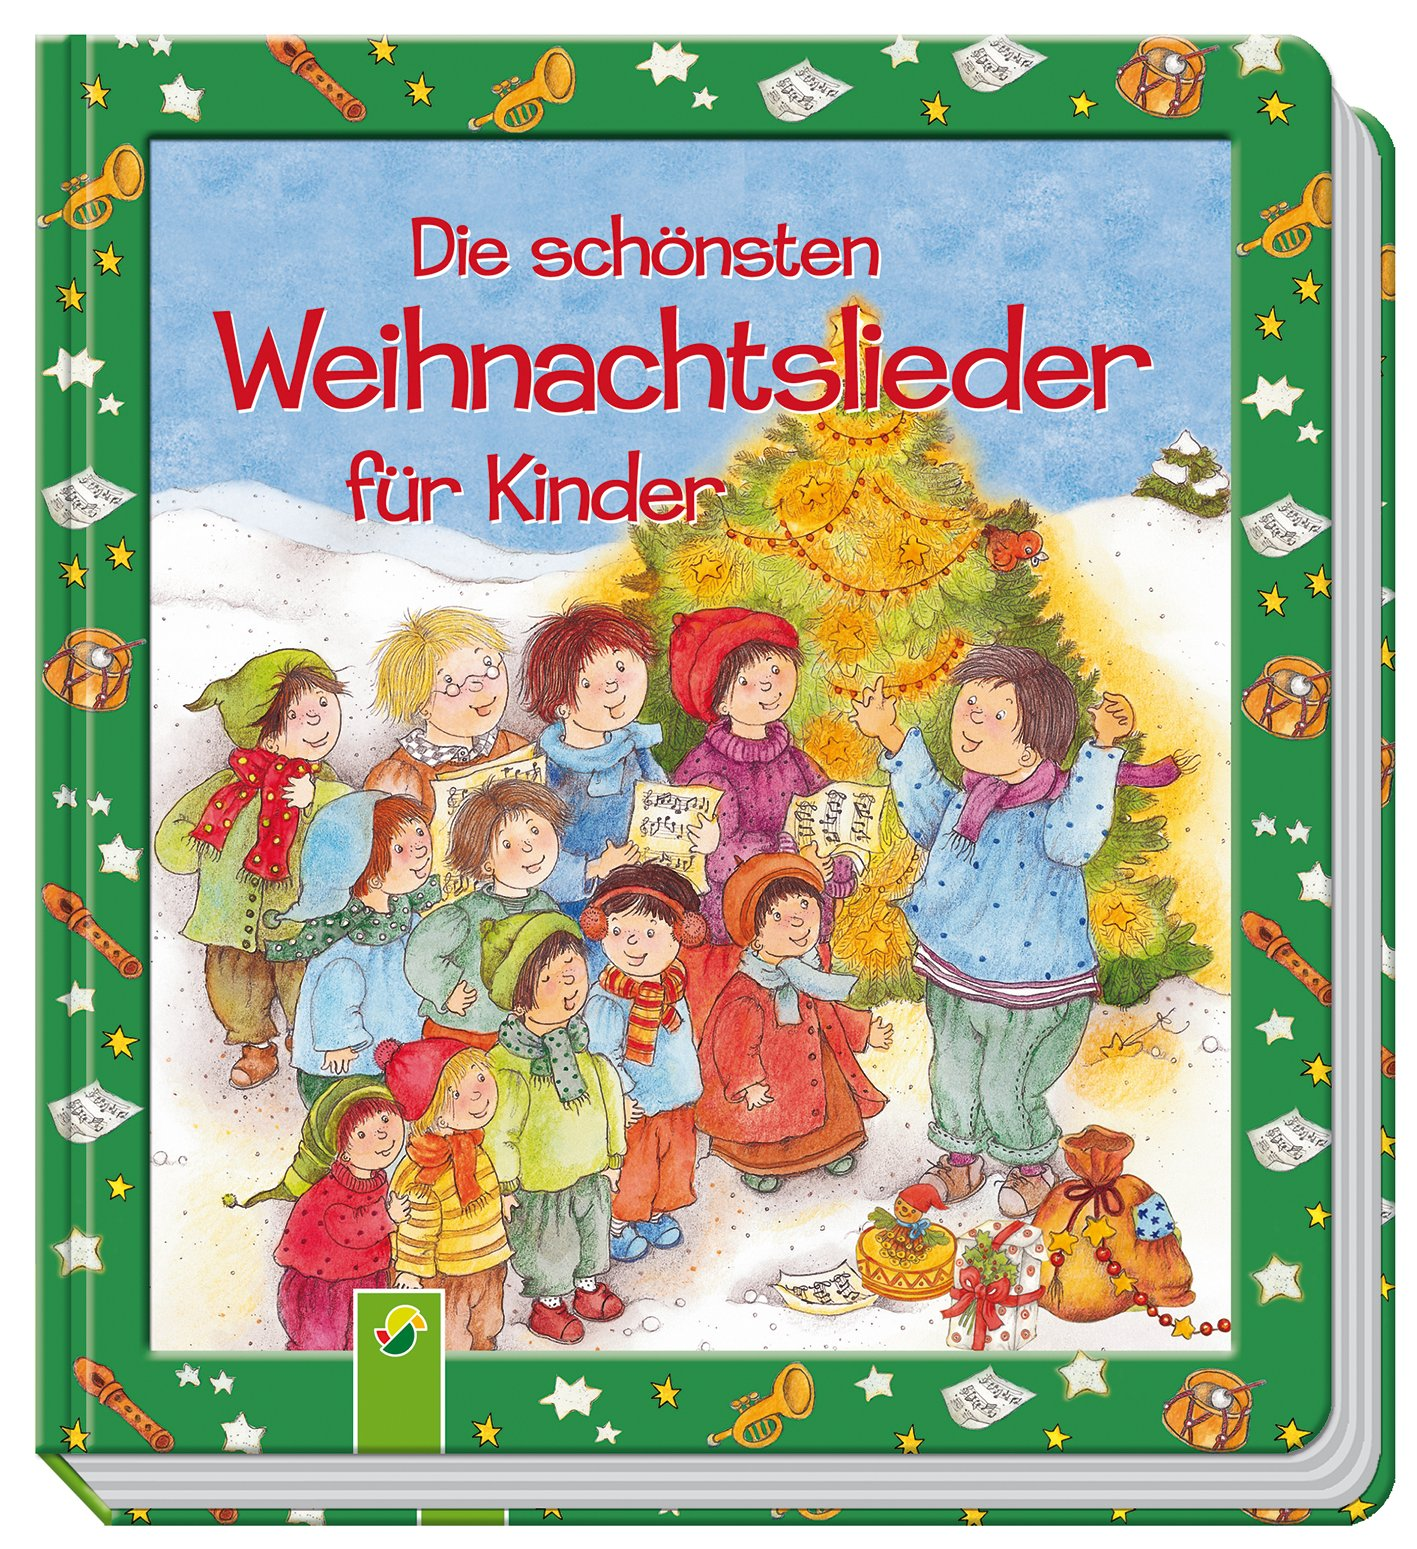 Die schönsten Weihnachtslieder für Kinder: Amazon.de: Marion ...